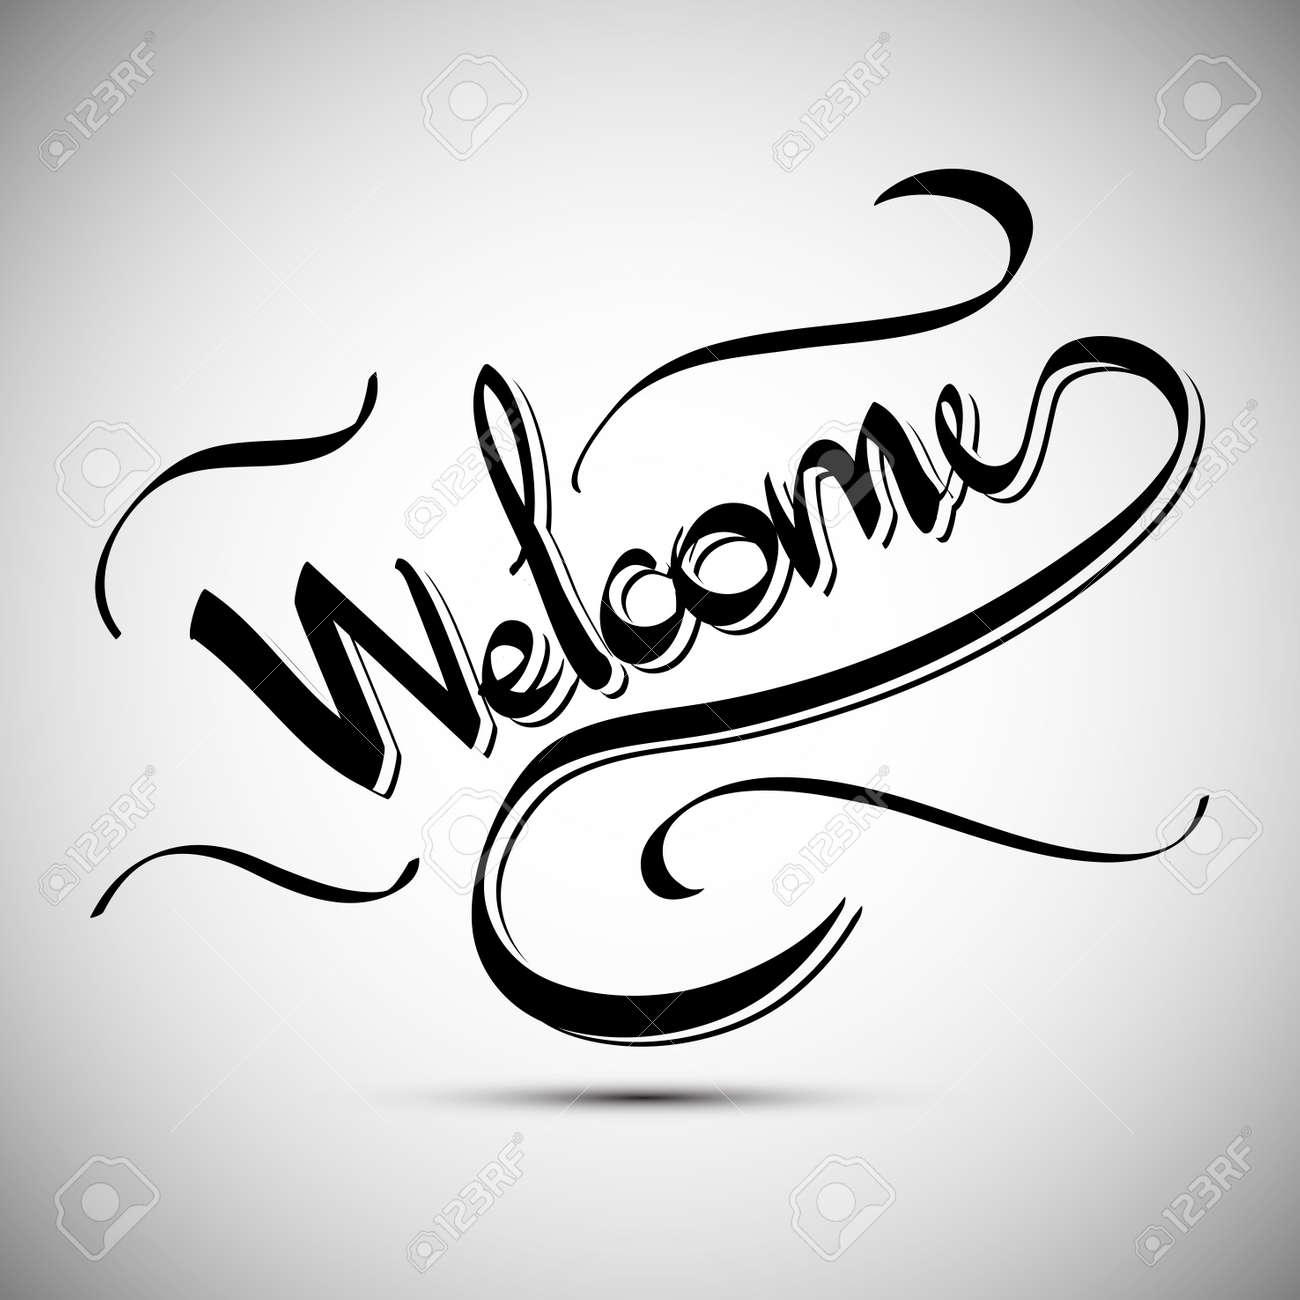 Willkommensgrüße